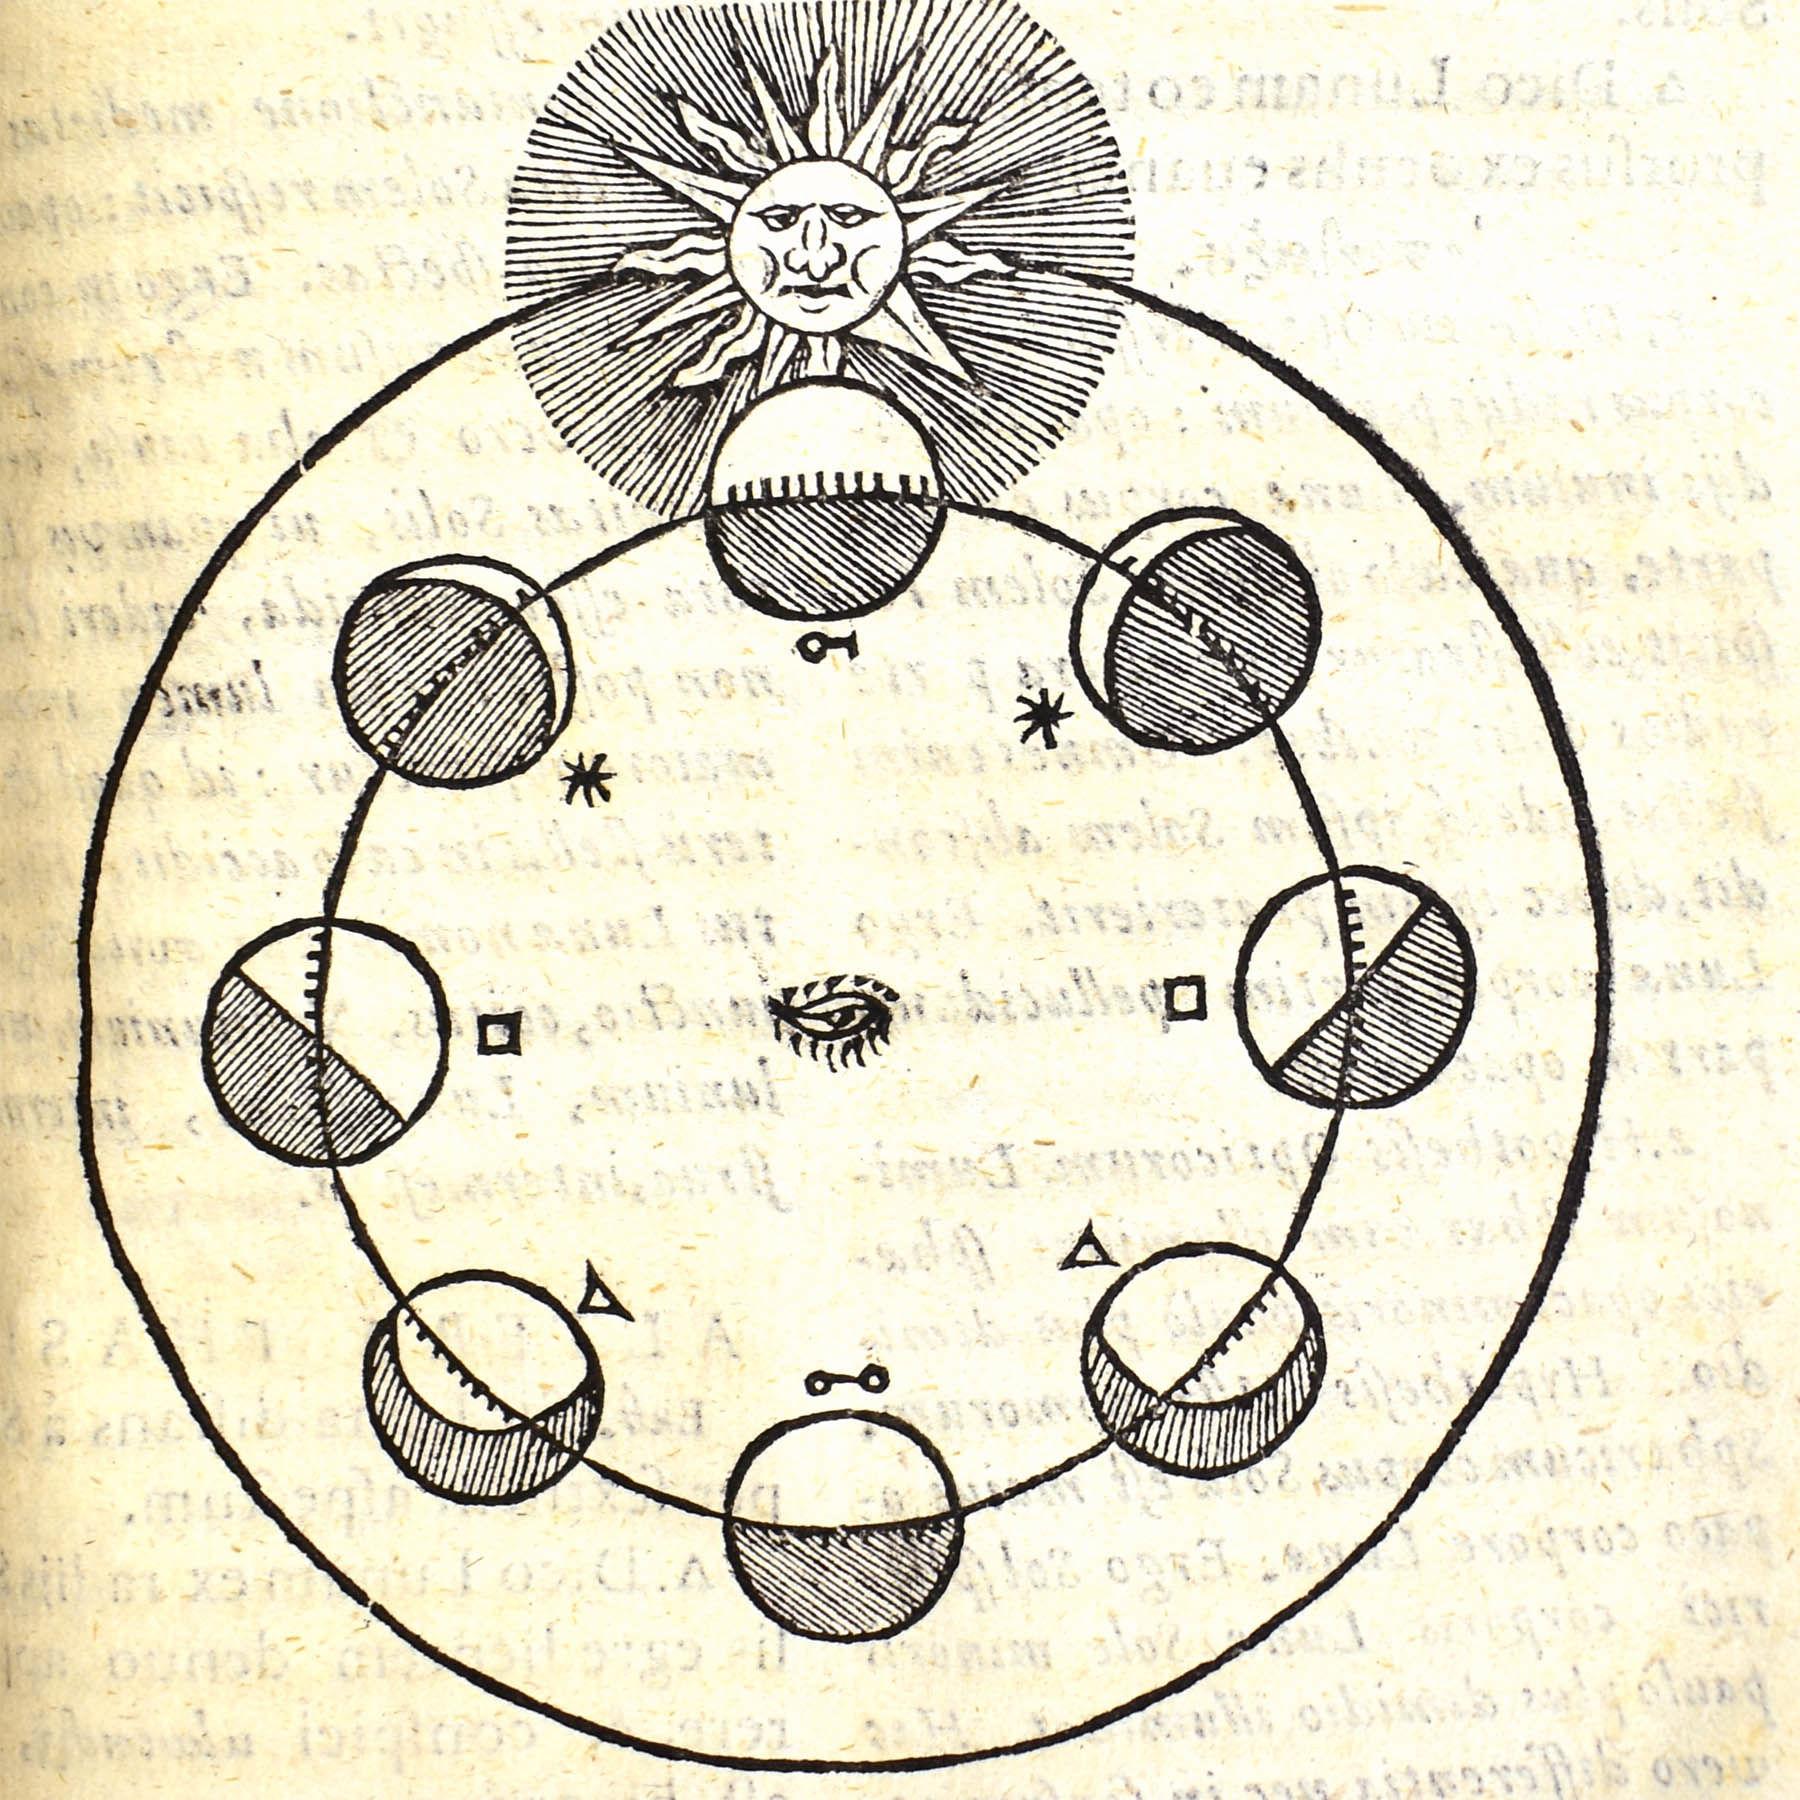 Commentarius in sphaeram procli diadochi Cui adiunctus est Computus Ecclesiasticus, cum Calendario triplici, & prognostico tempestatum ex ortu & occasu stellarum. (photo 1)